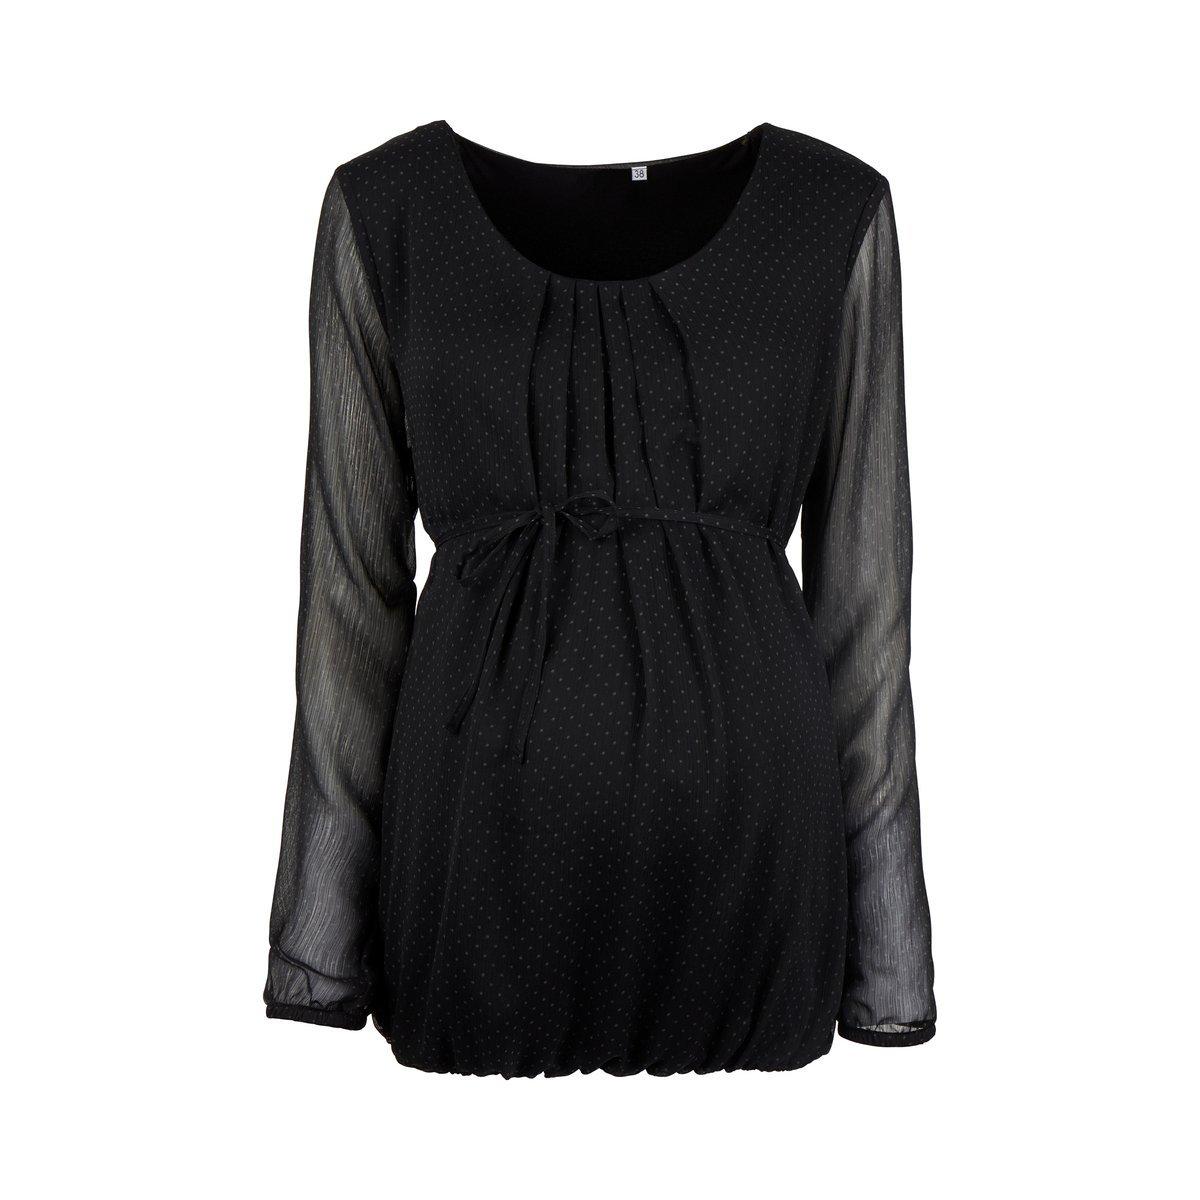 2HEARTS Umstands-Bluse Let/'s Celebrate//schicke Bluse im Punkte-Design f/ür die Schwangerschaft//schwarz